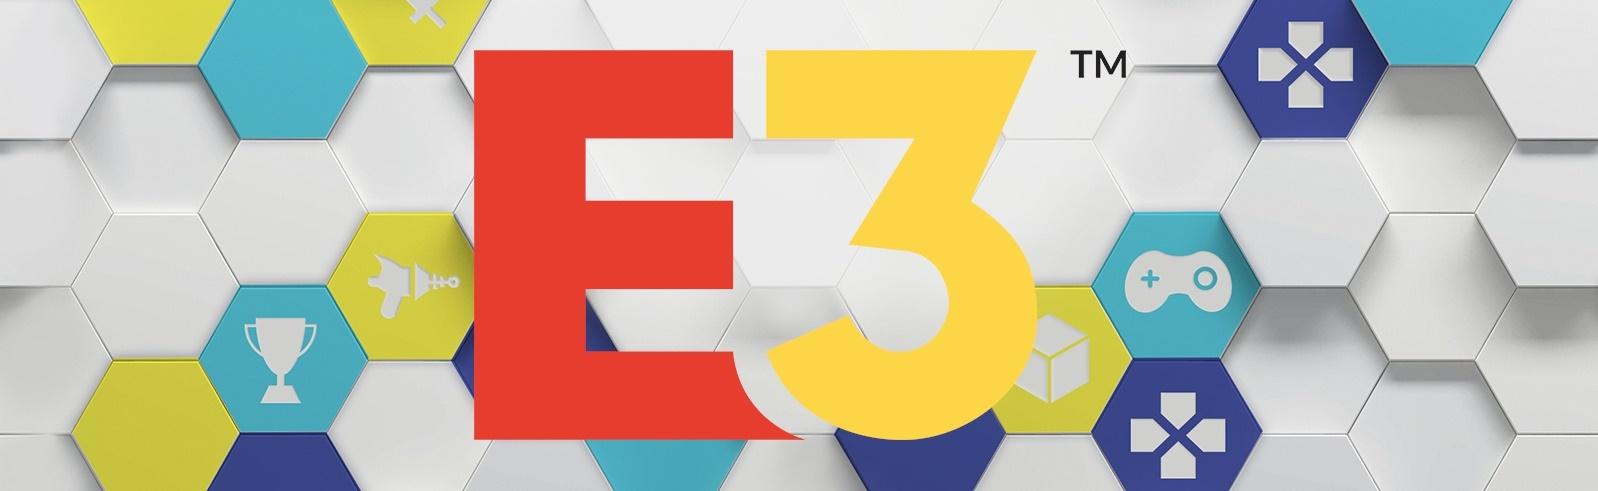 e3-20187vp4s.jpg